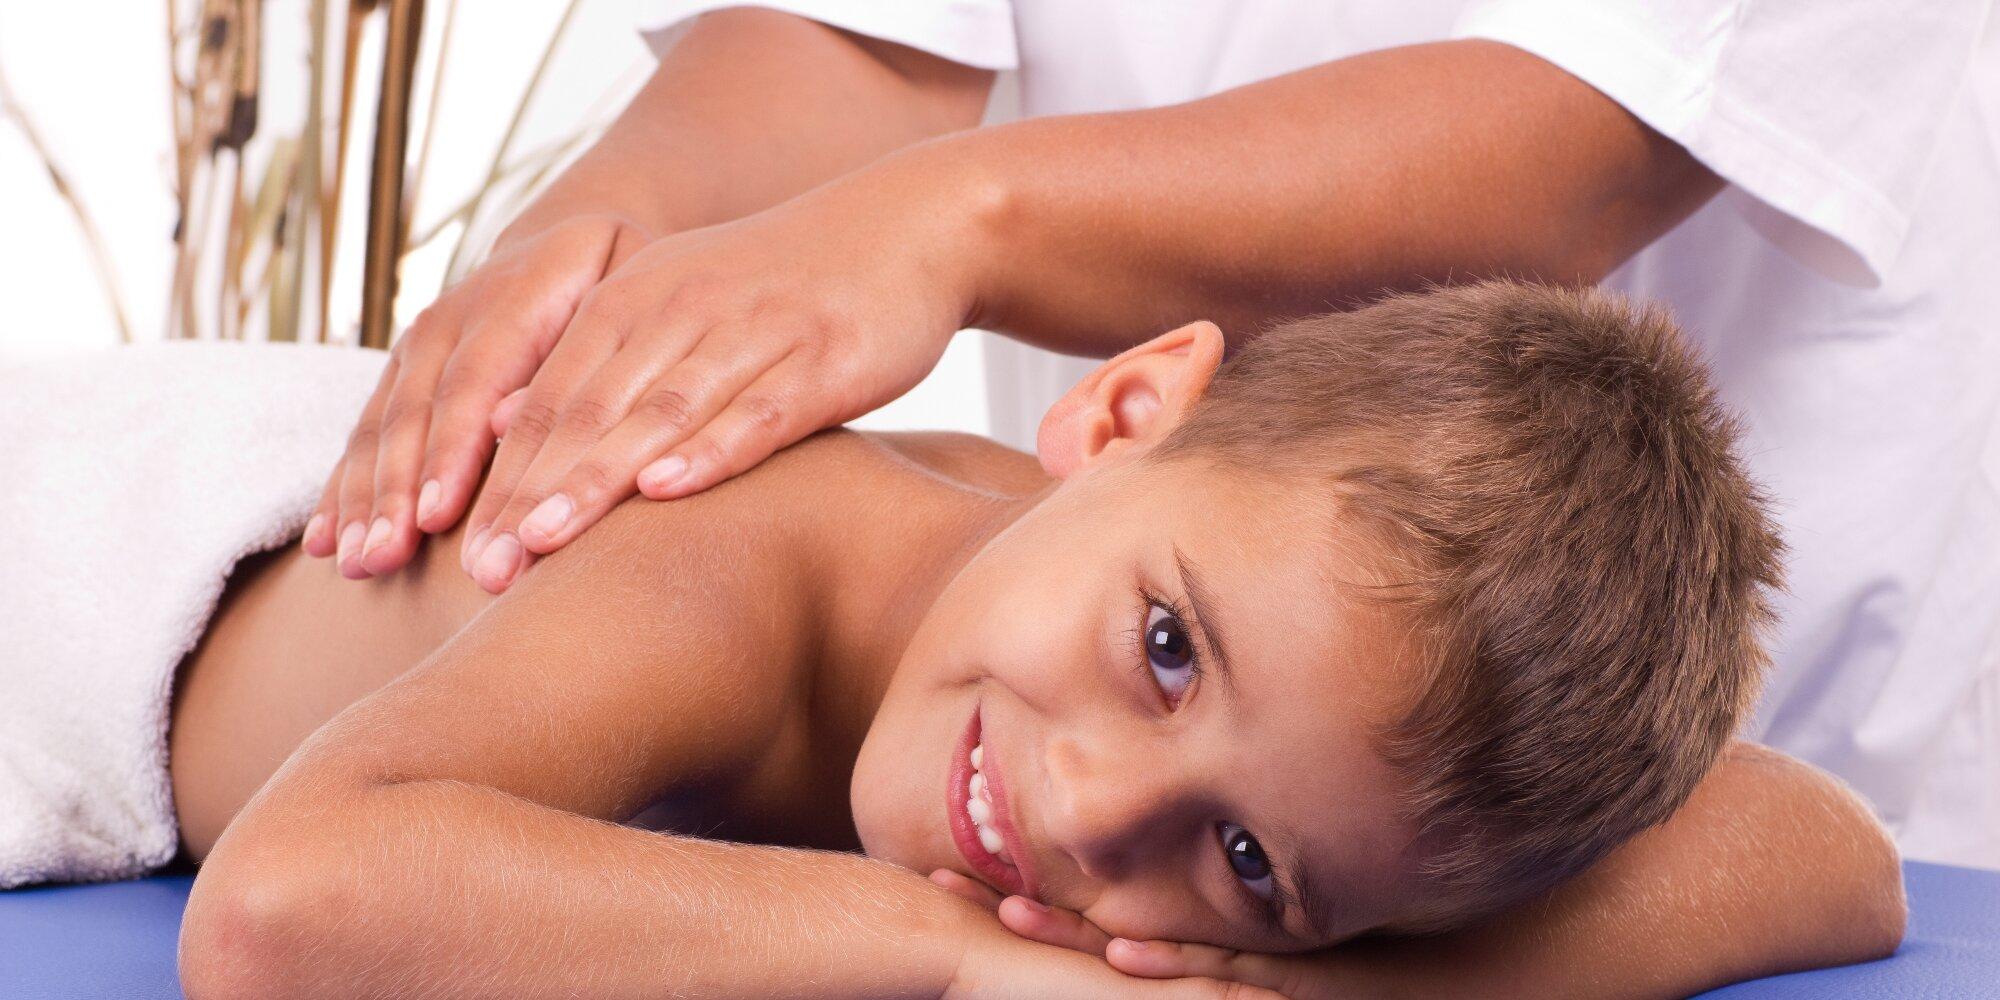 Фото как делать массаж подростку